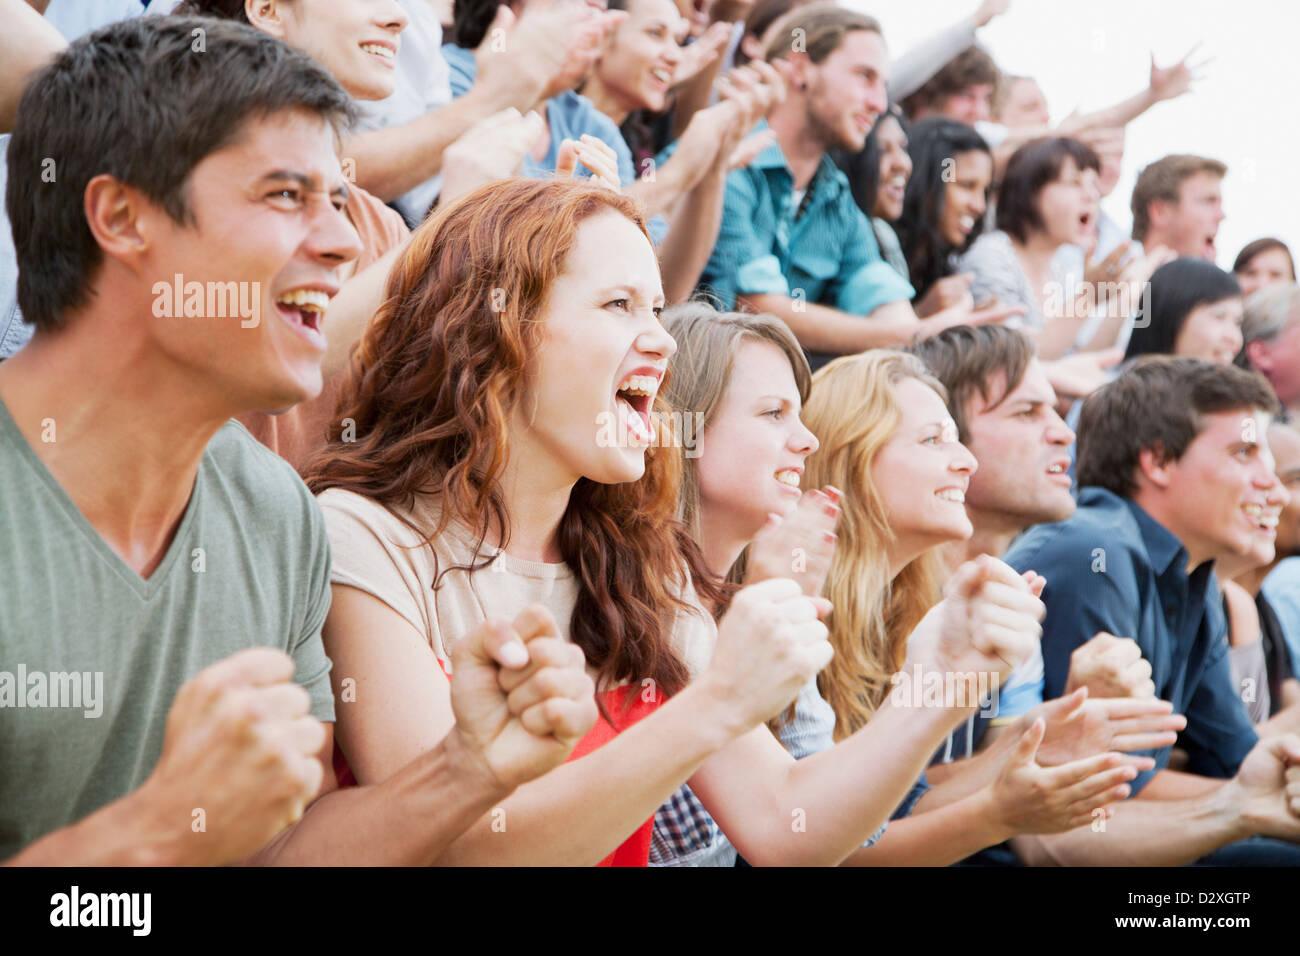 Acclamations des fans dans la foule Photo Stock